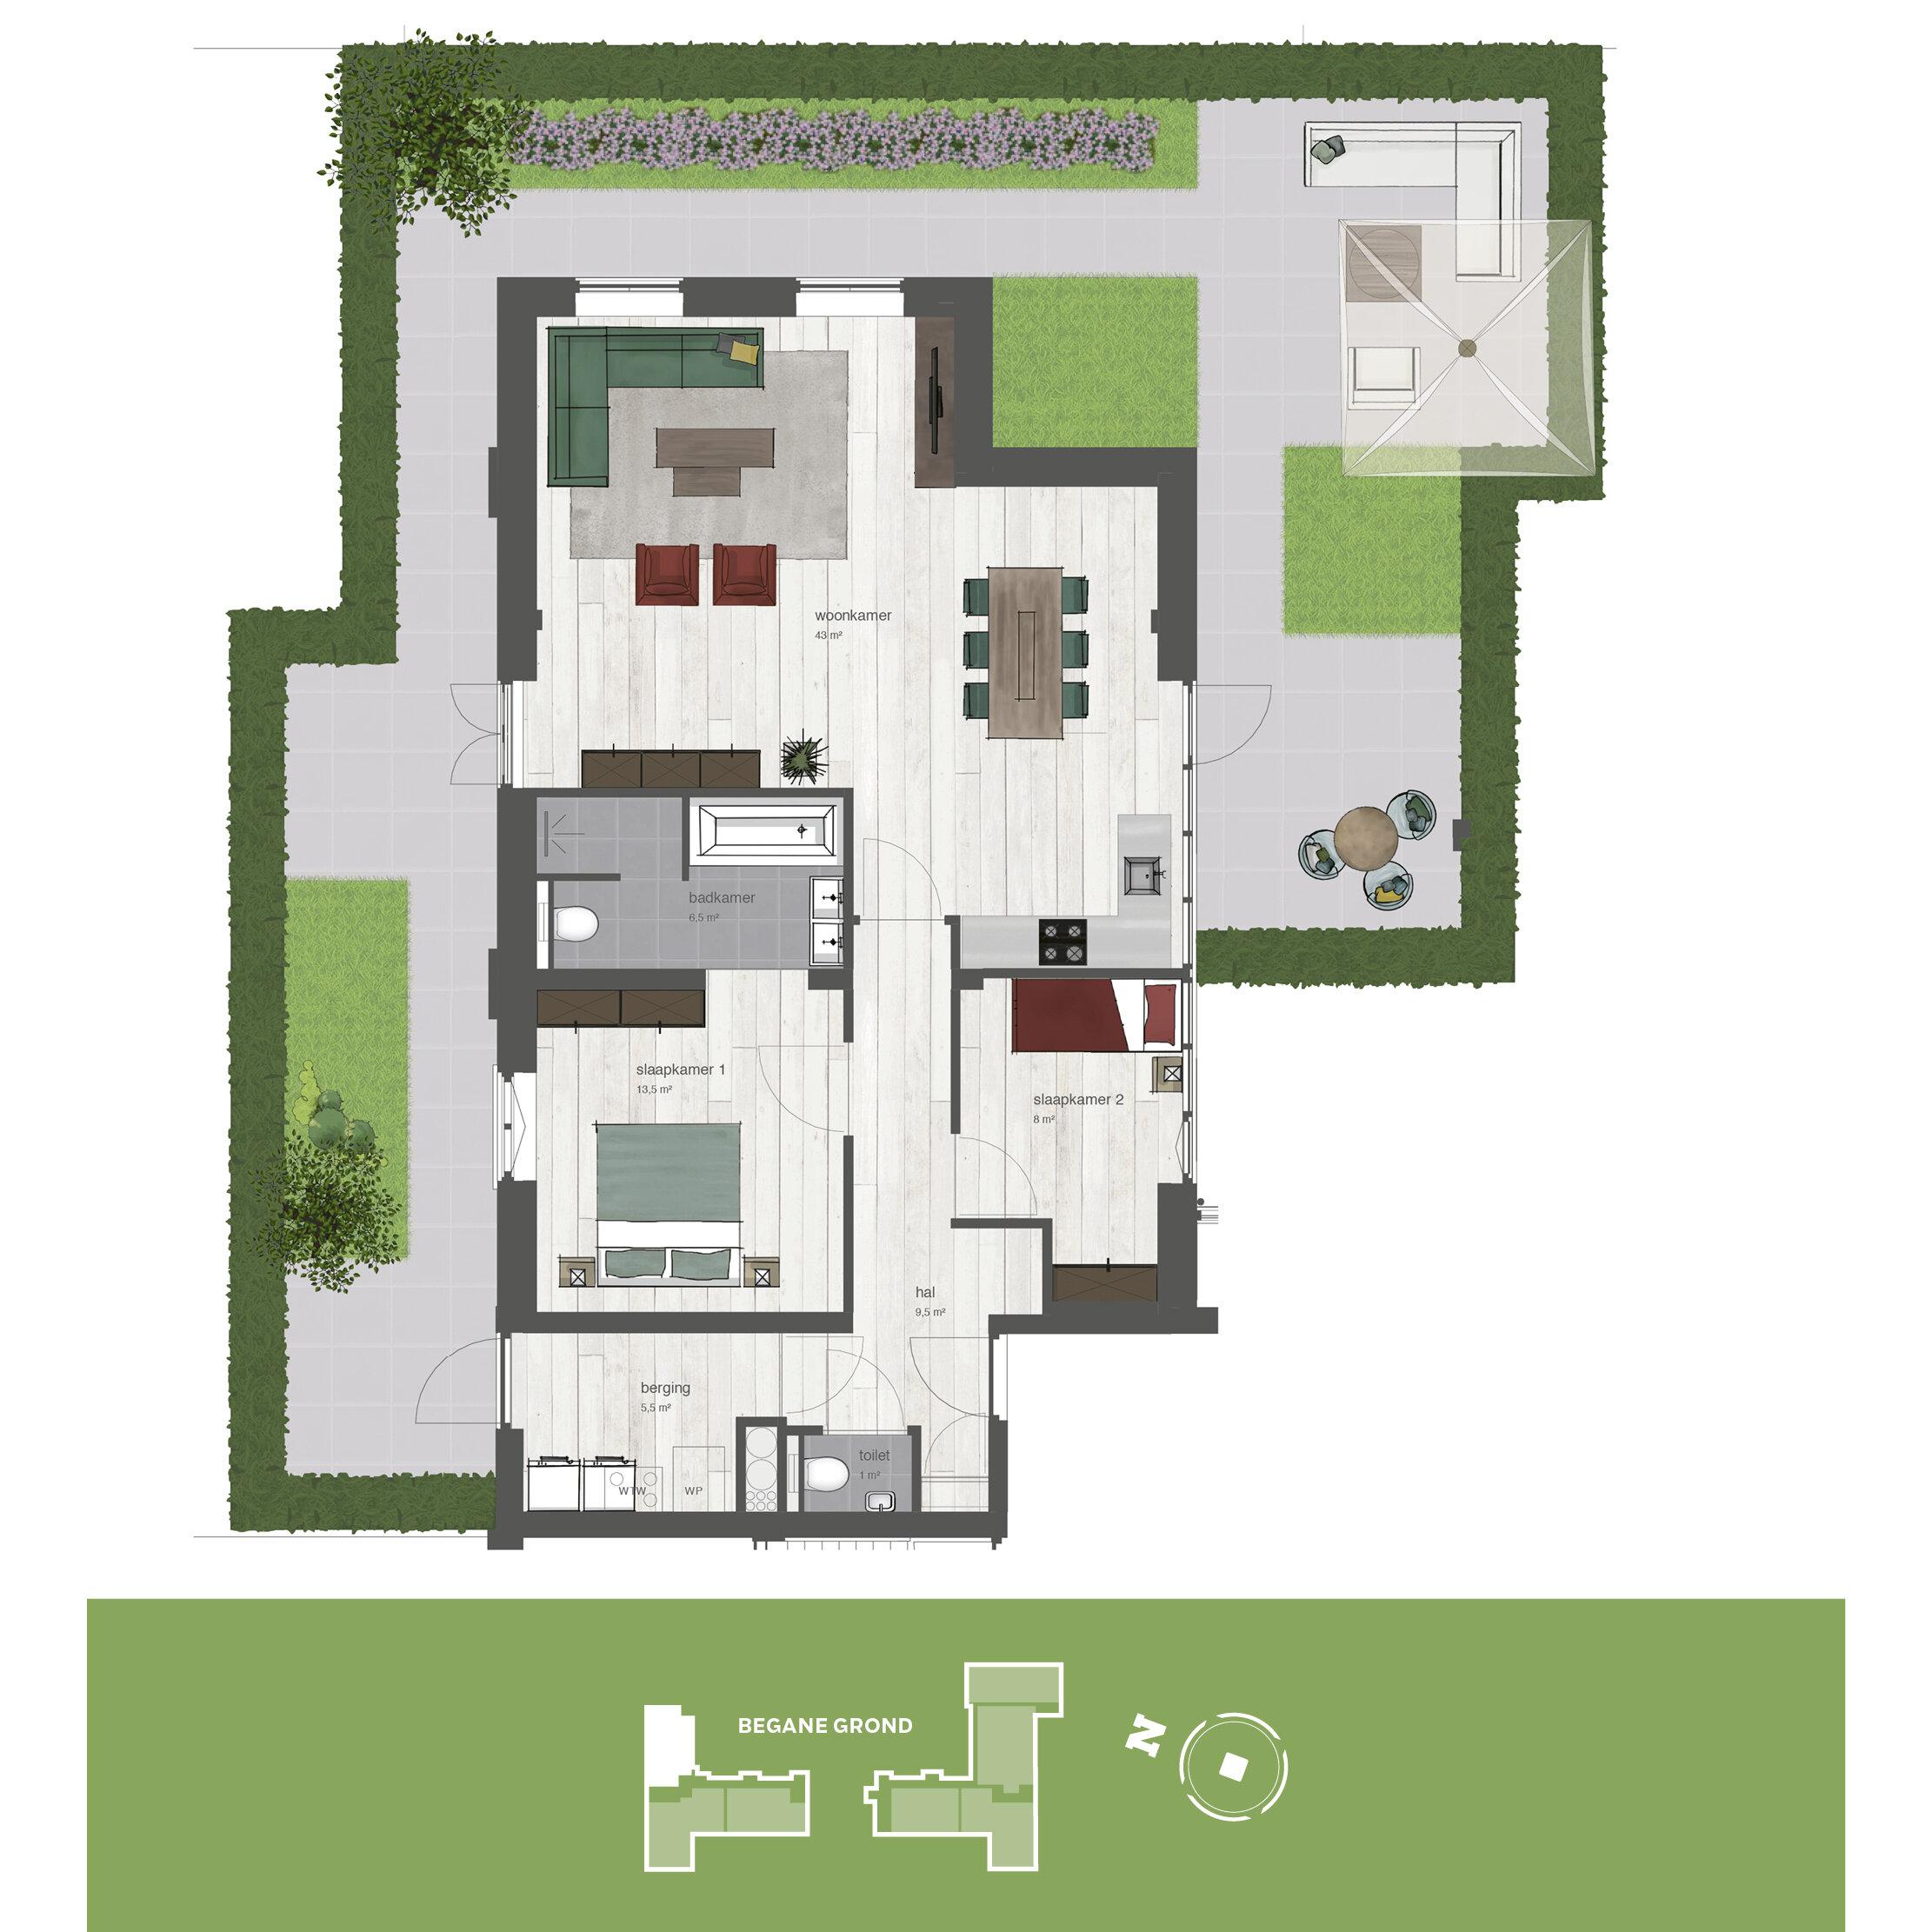 plattegronden web (concept) _ 7.jpg